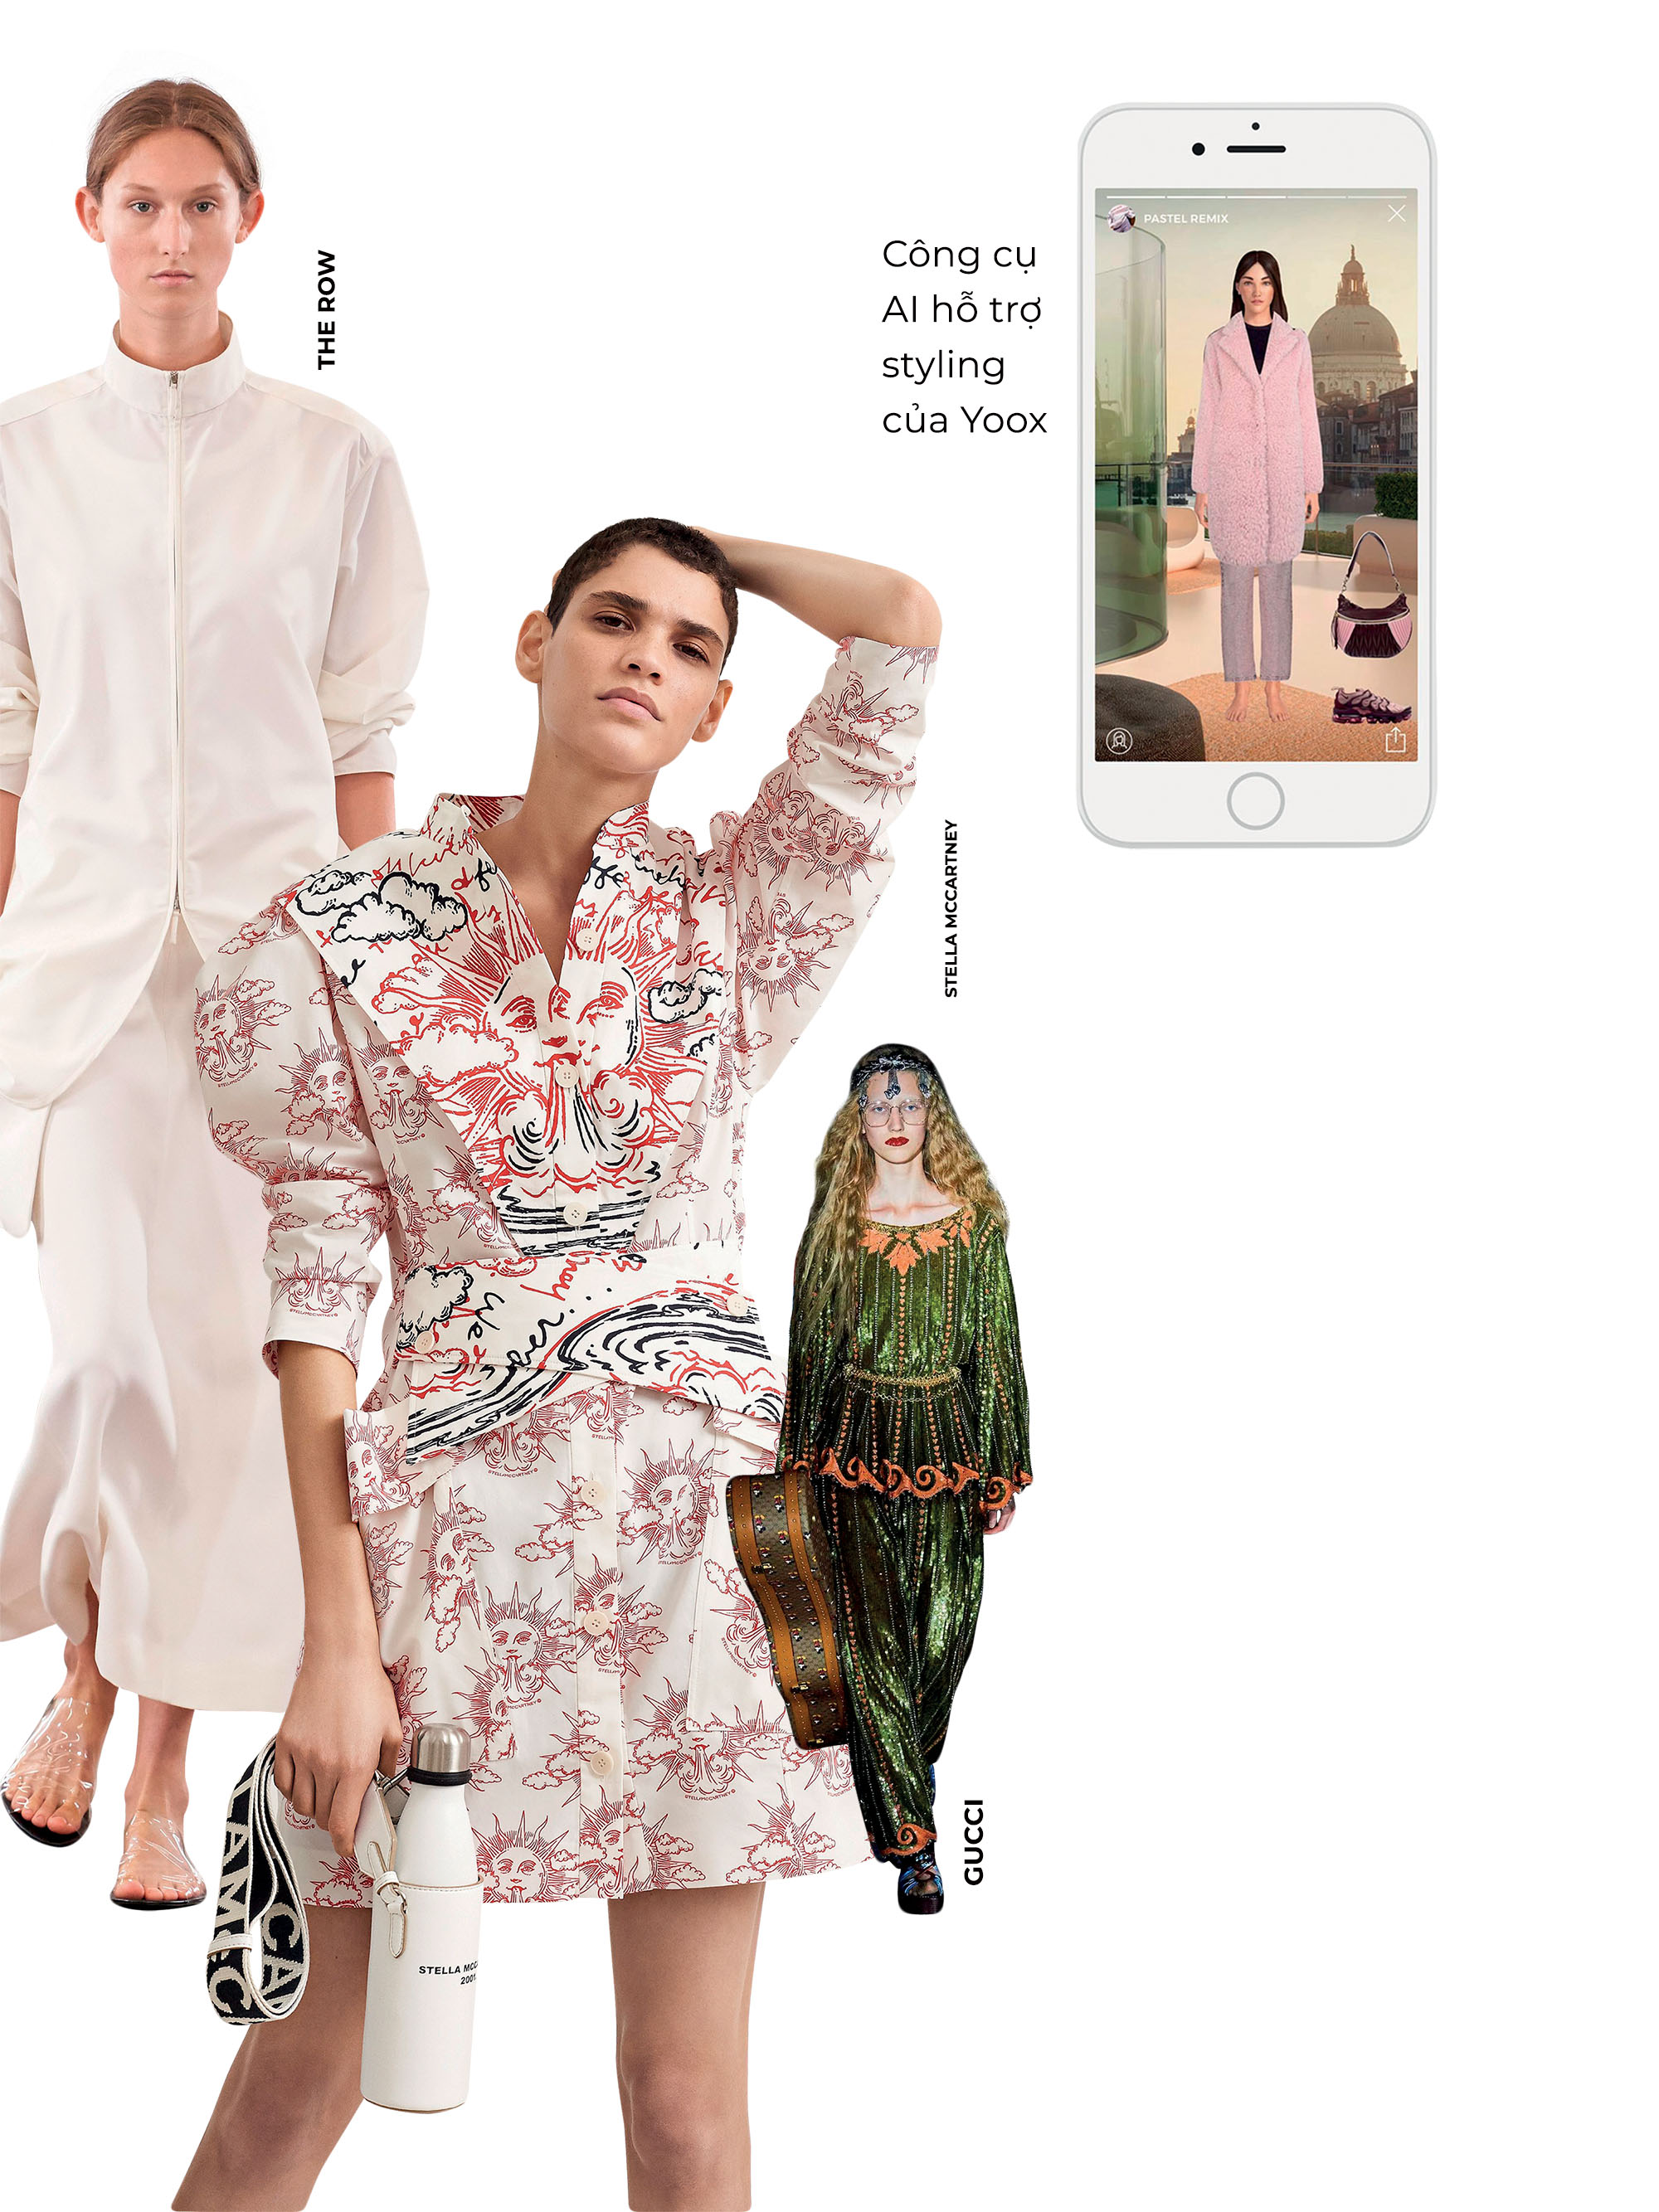 thế giới thời trang thập niên 2020 - những xu hướng sử dụng công nghệ mới